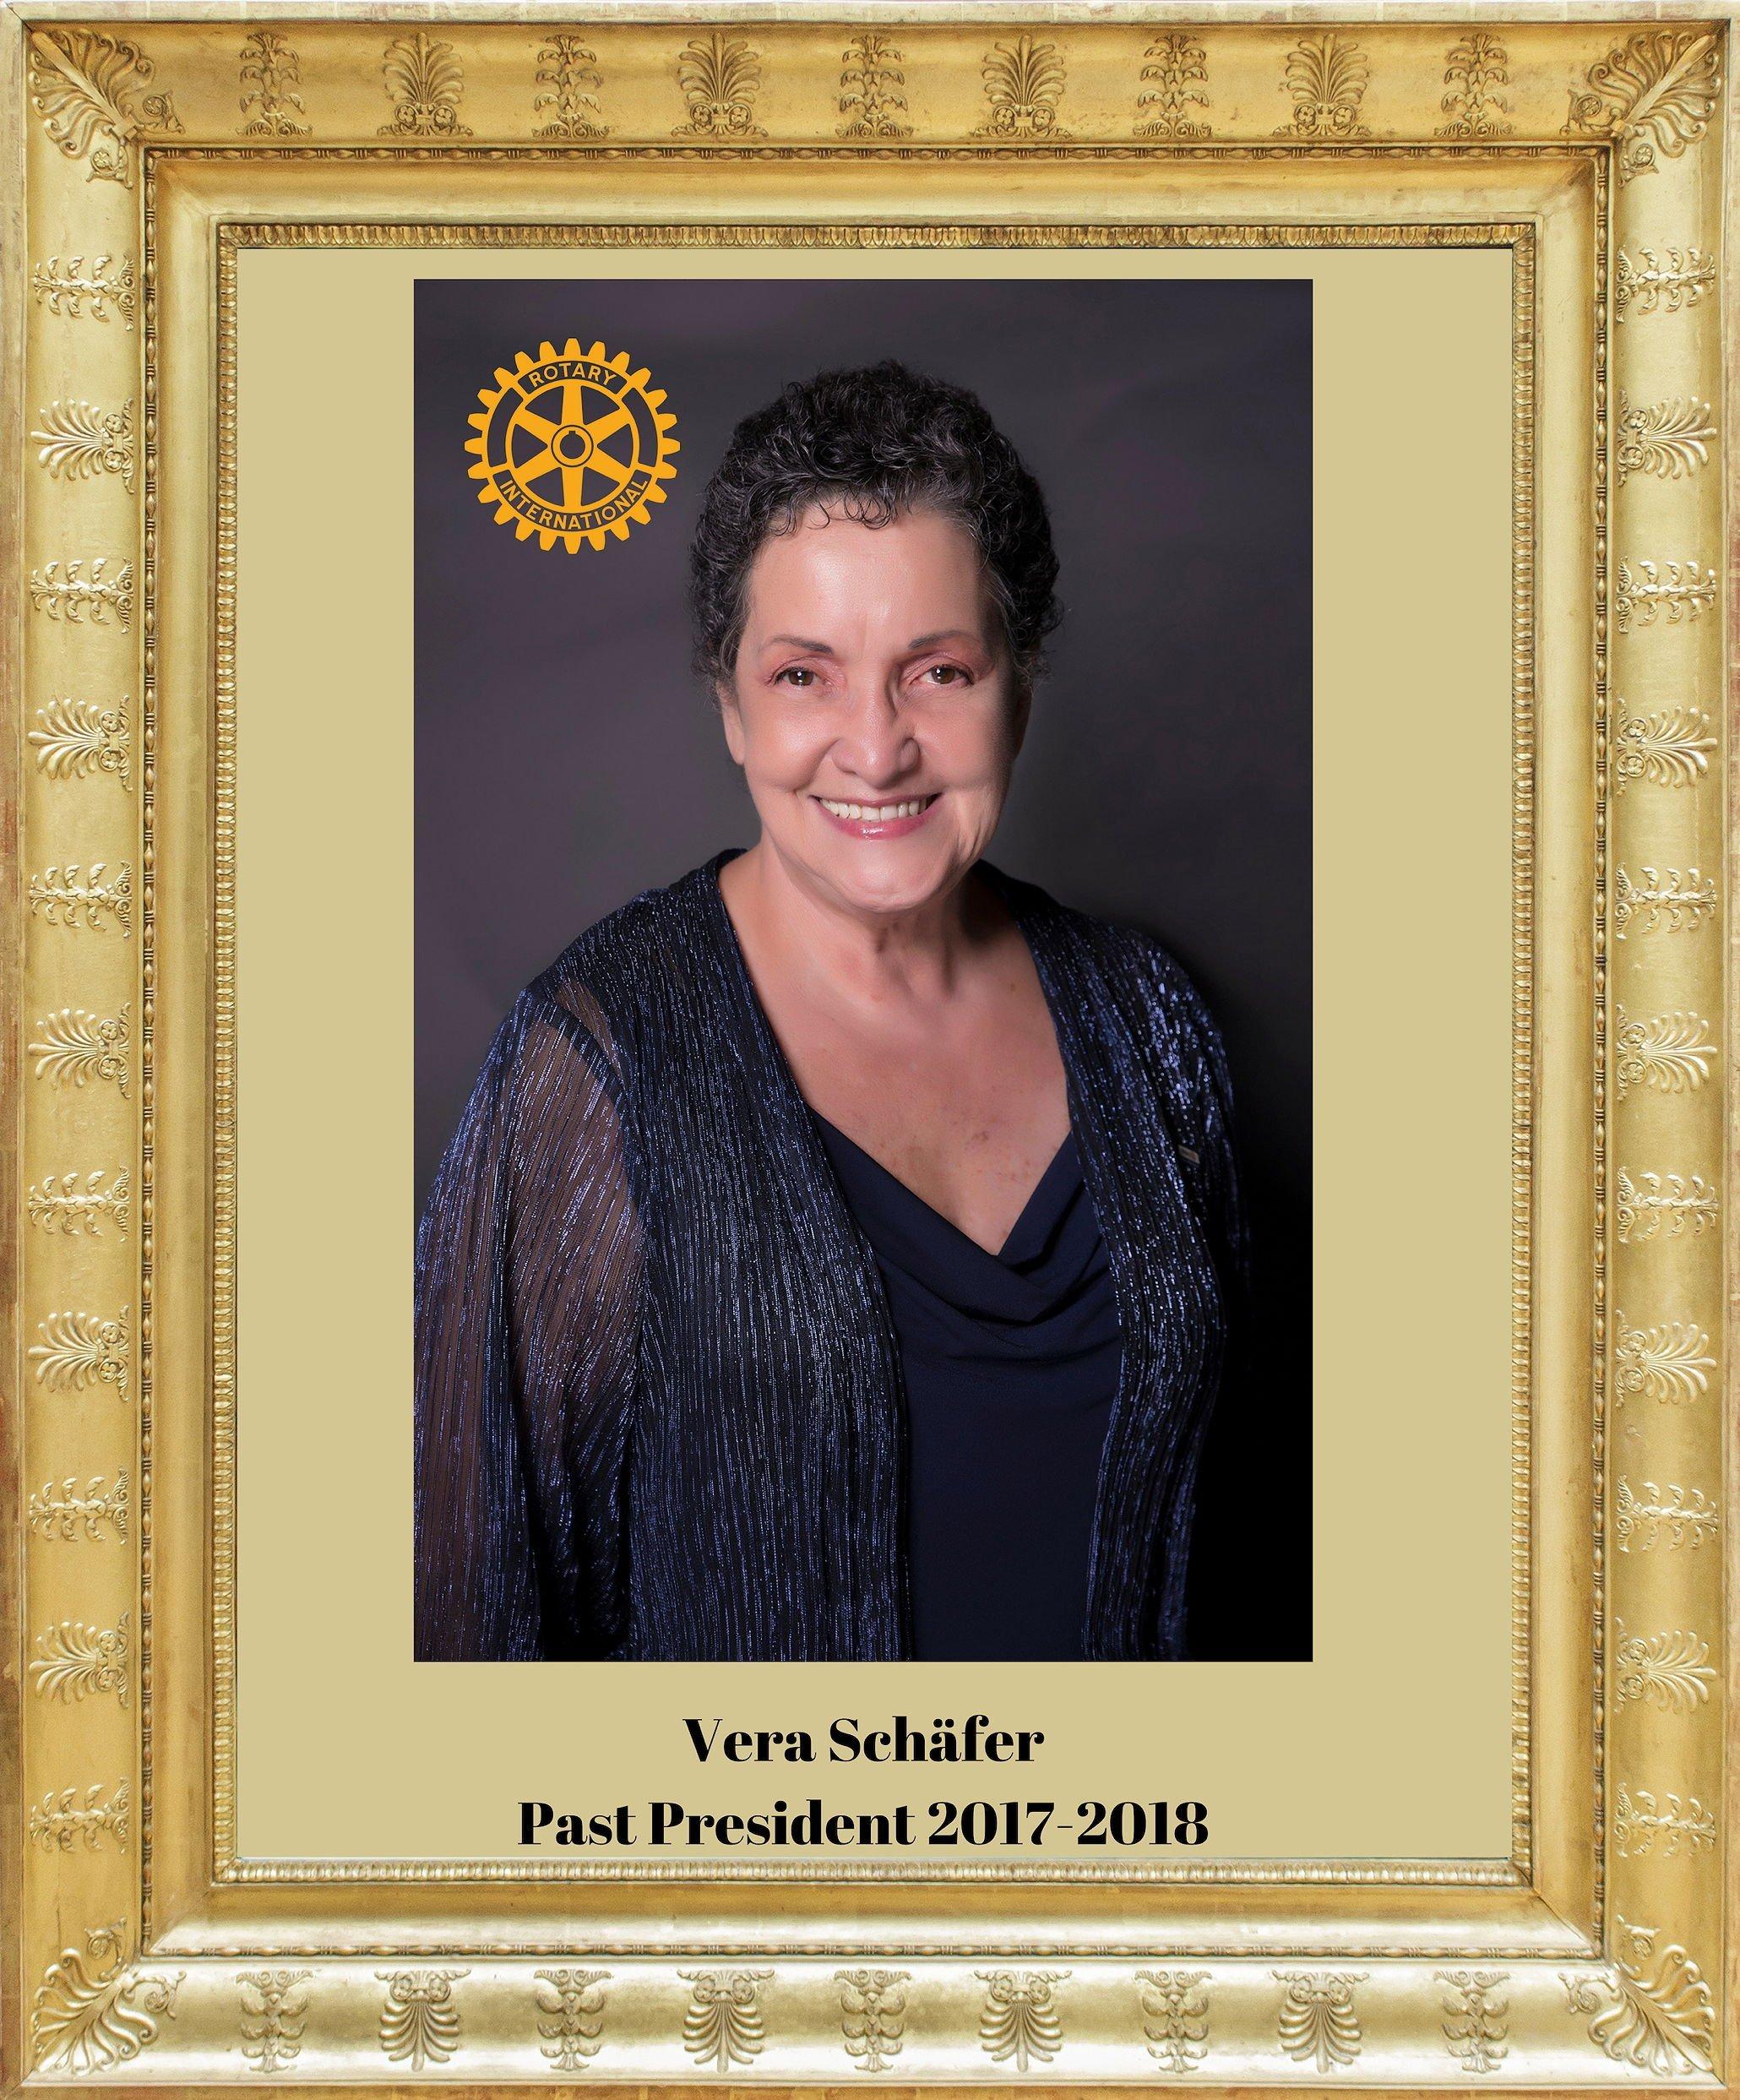 vera_schafer_past_president_2017-2018